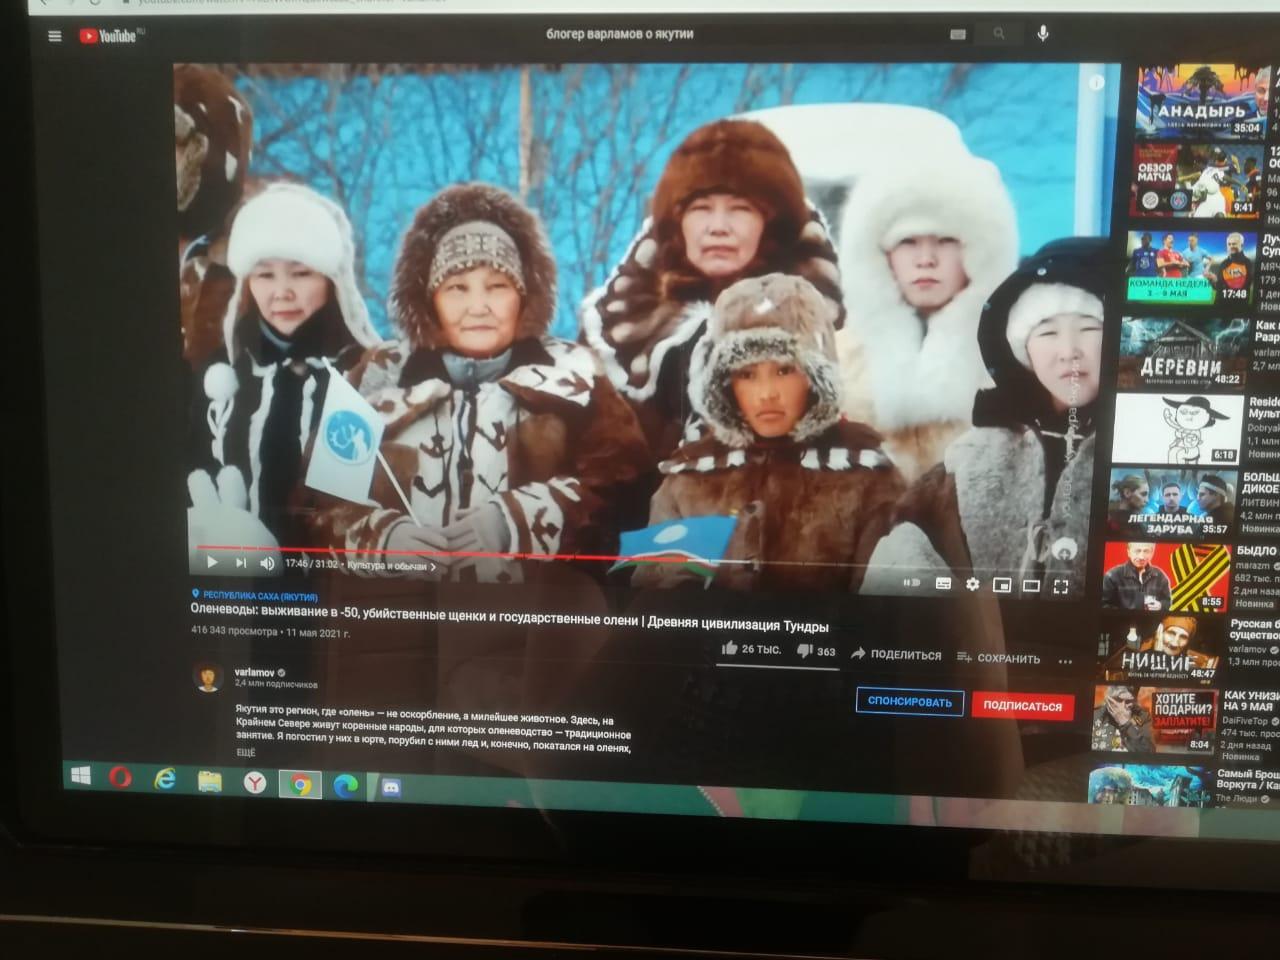 Раскрученный российский блогер  «слямзал» кадры якутских киношников